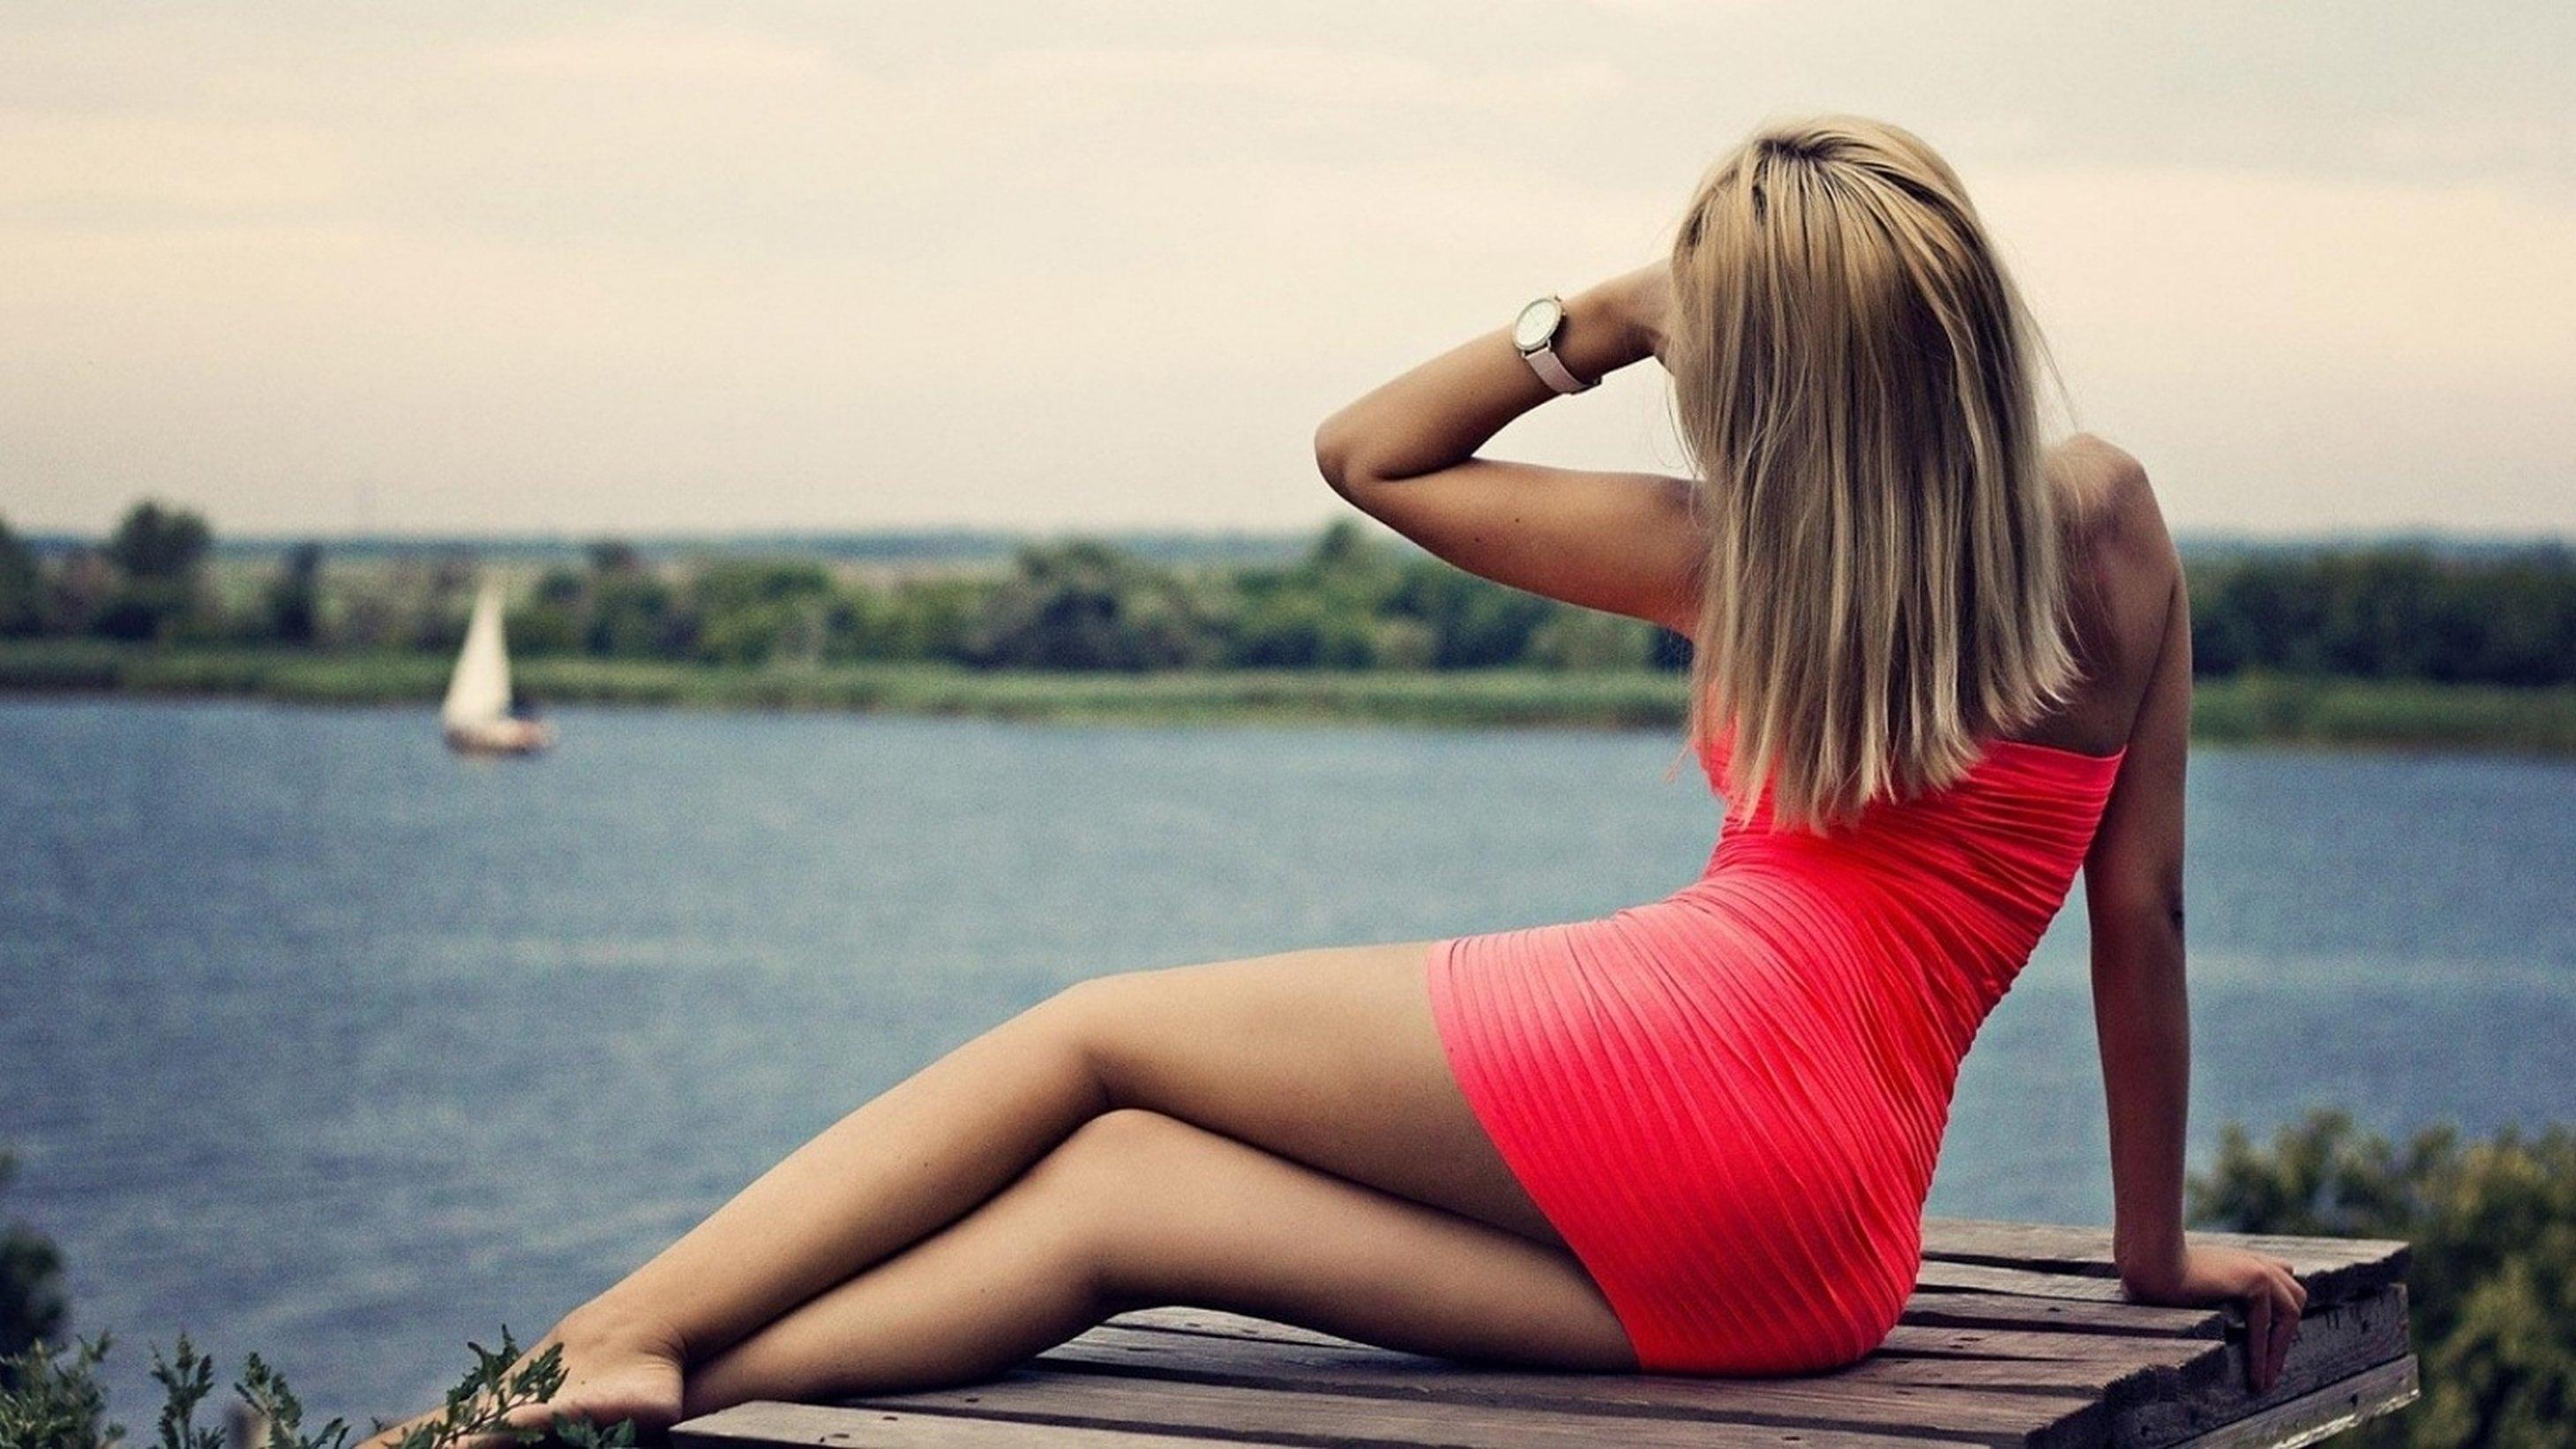 Фото красивой блондинки в платье со спины